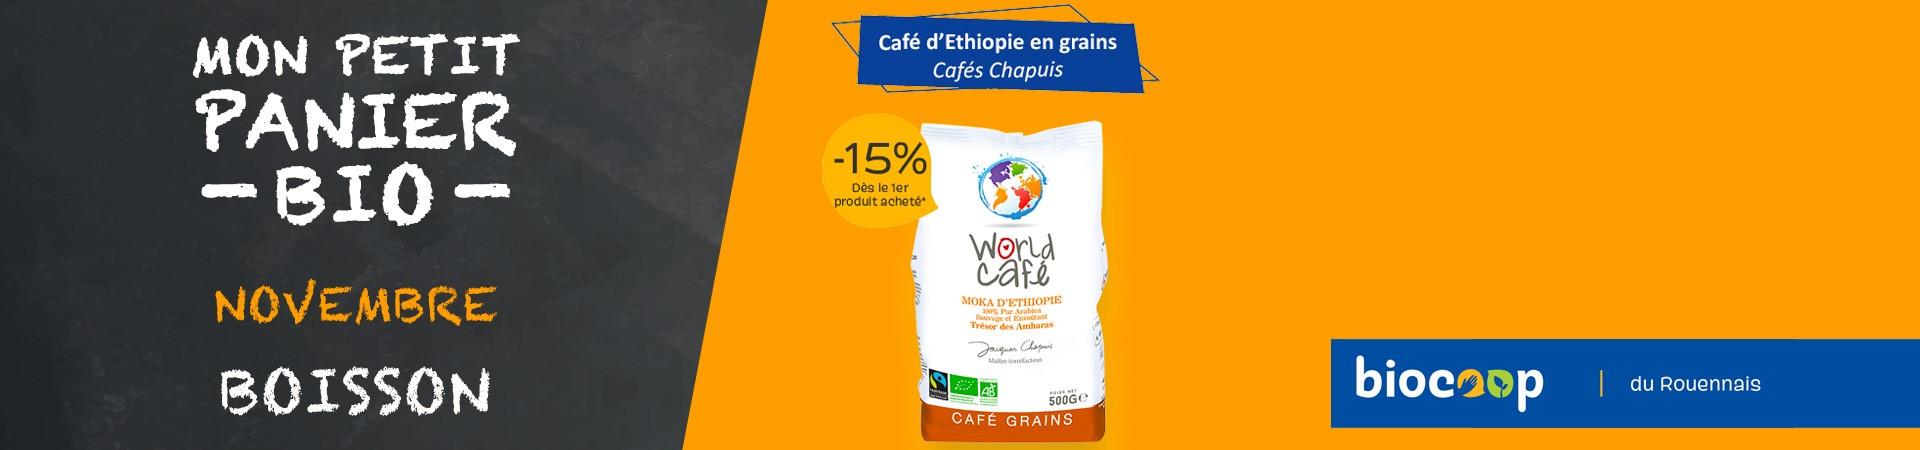 Café d'Ethiopie en grains Cafés Chapuis